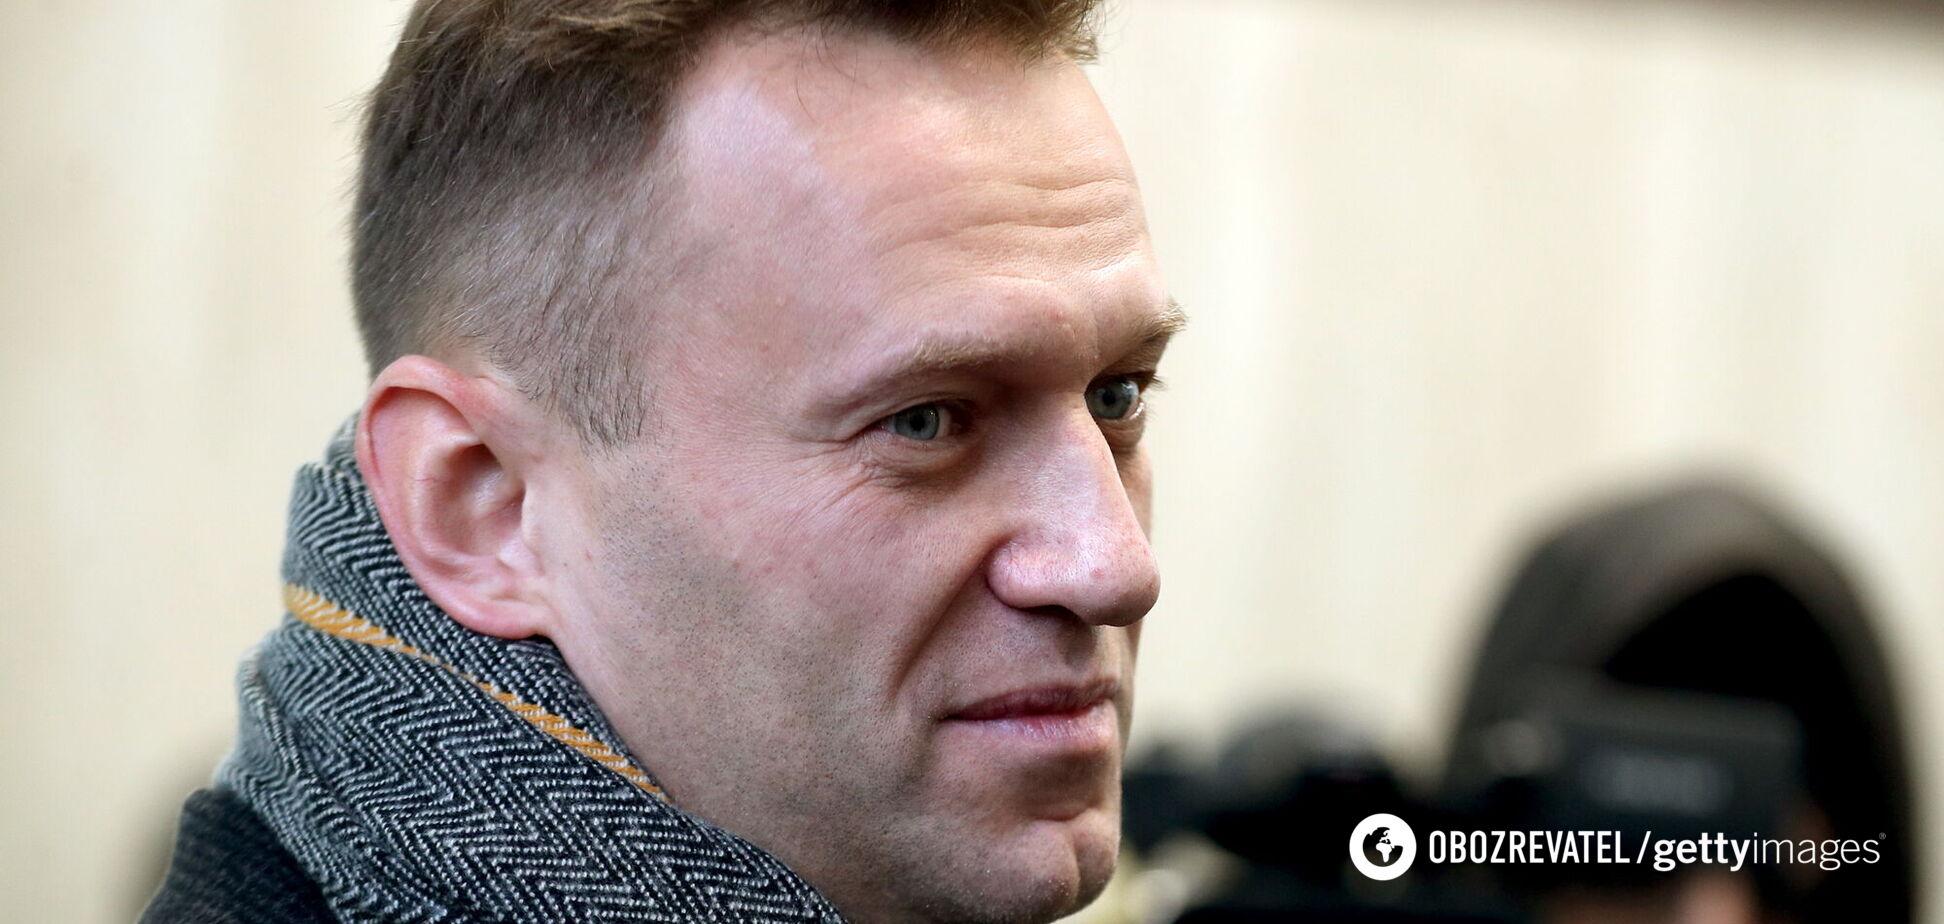 ОЗХЗ підтвердила отруєння Навального 'Новачком': росіянин розповів, як вижив